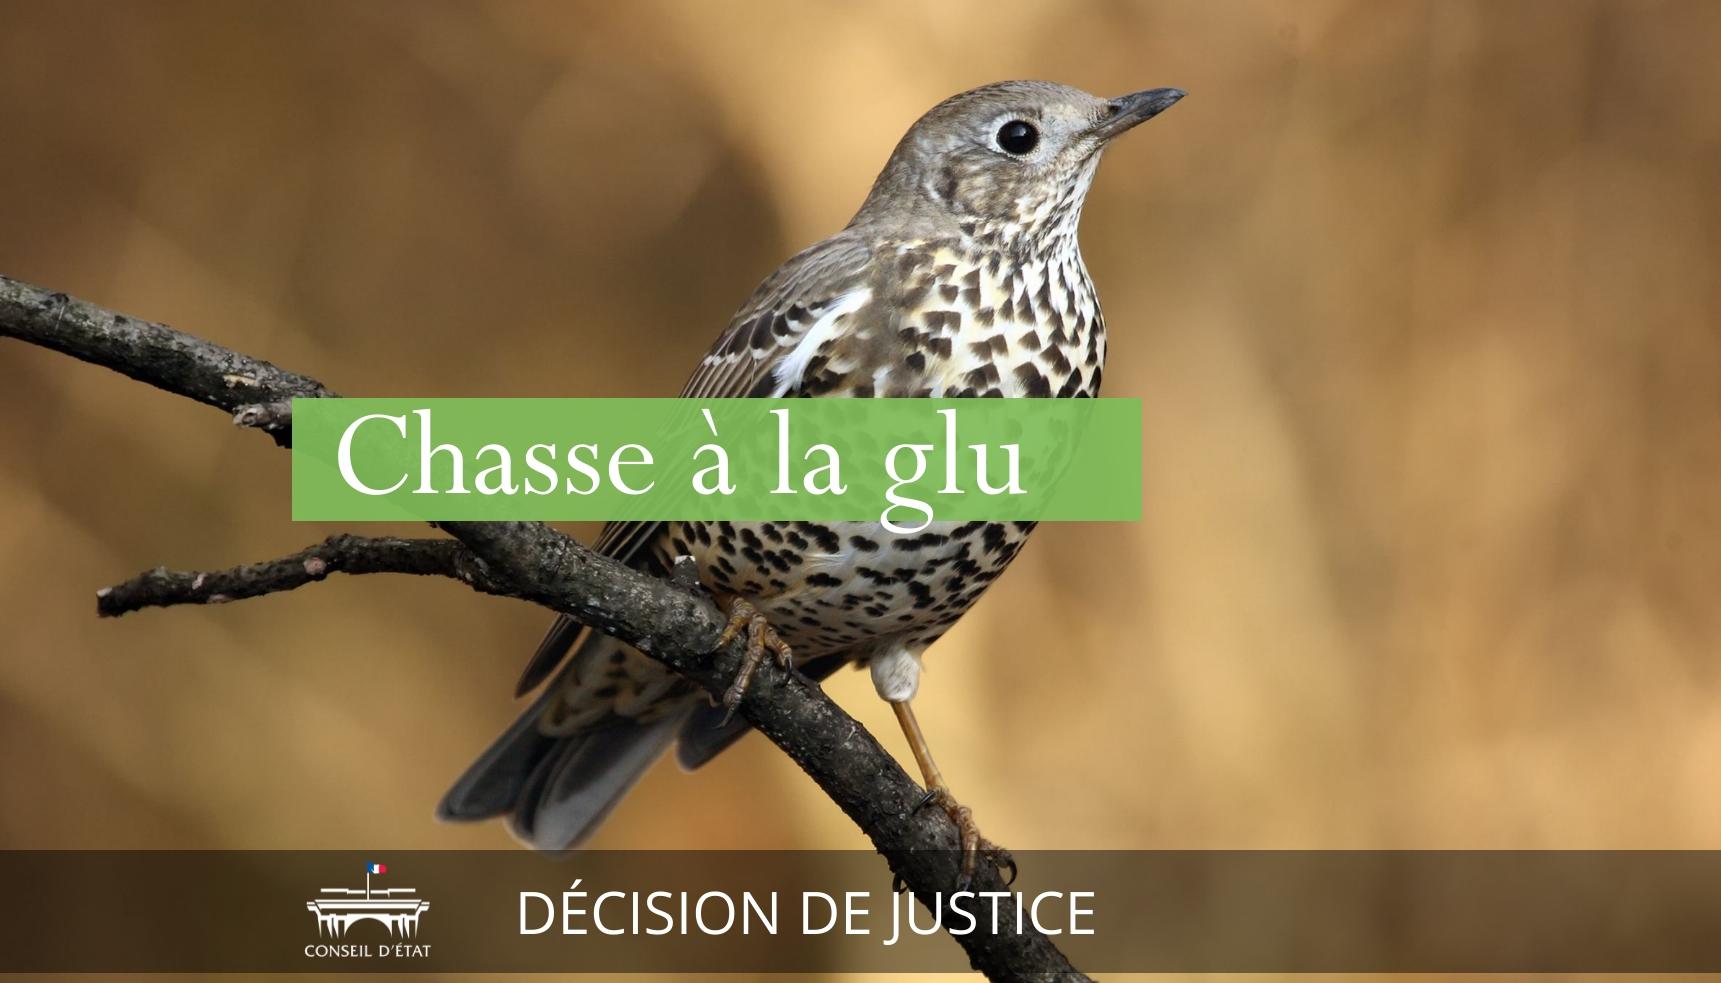 Enfin ! La chasse à la glu est déclarée illégale en France